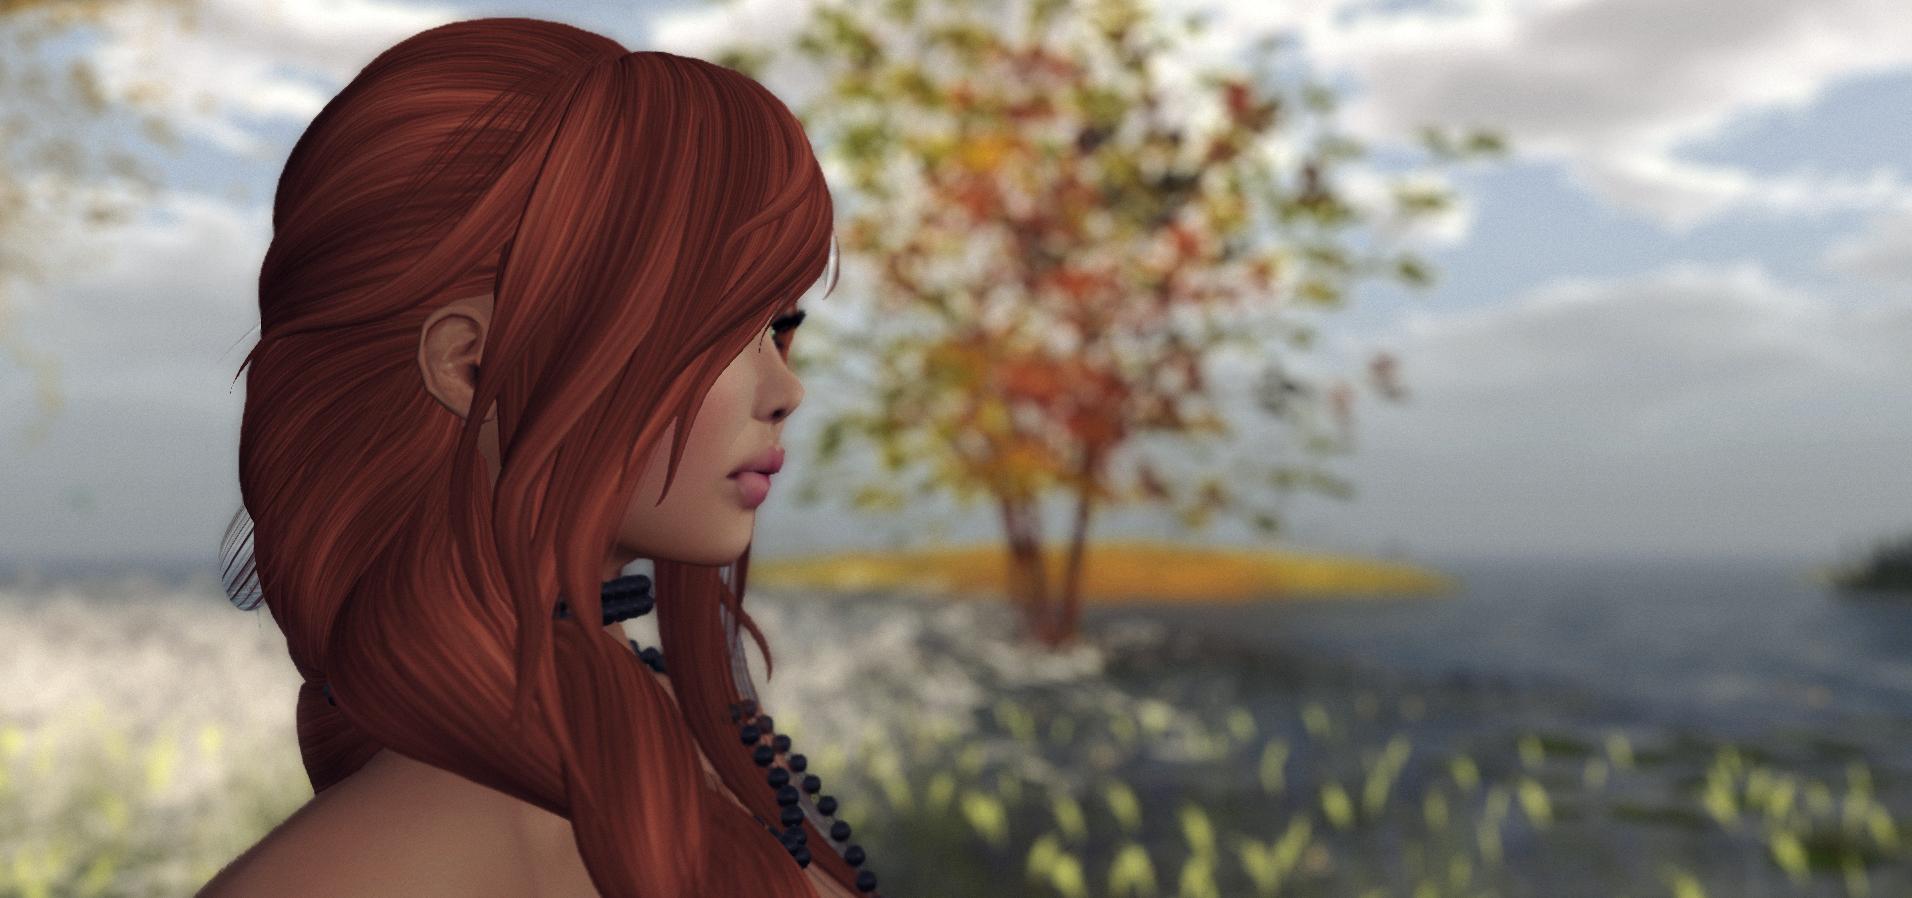 Incontri giochi avatar